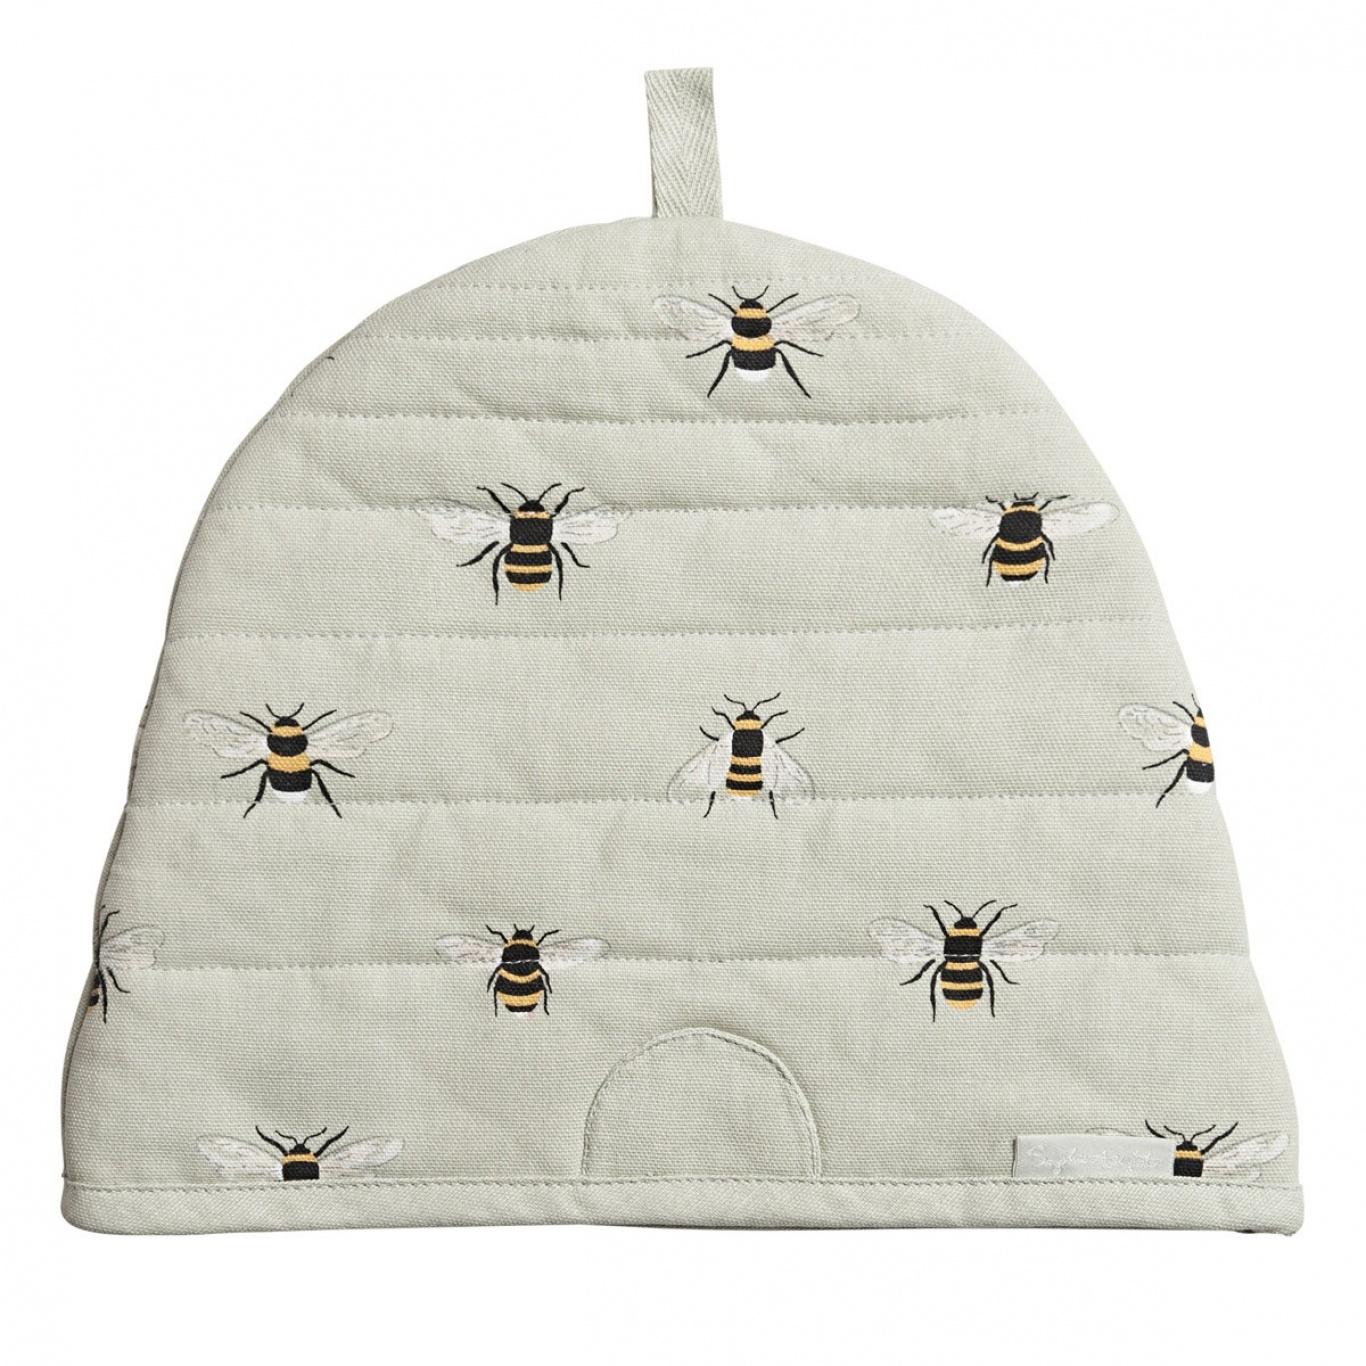 Image of Sophie Allport Bees Tea Cosy